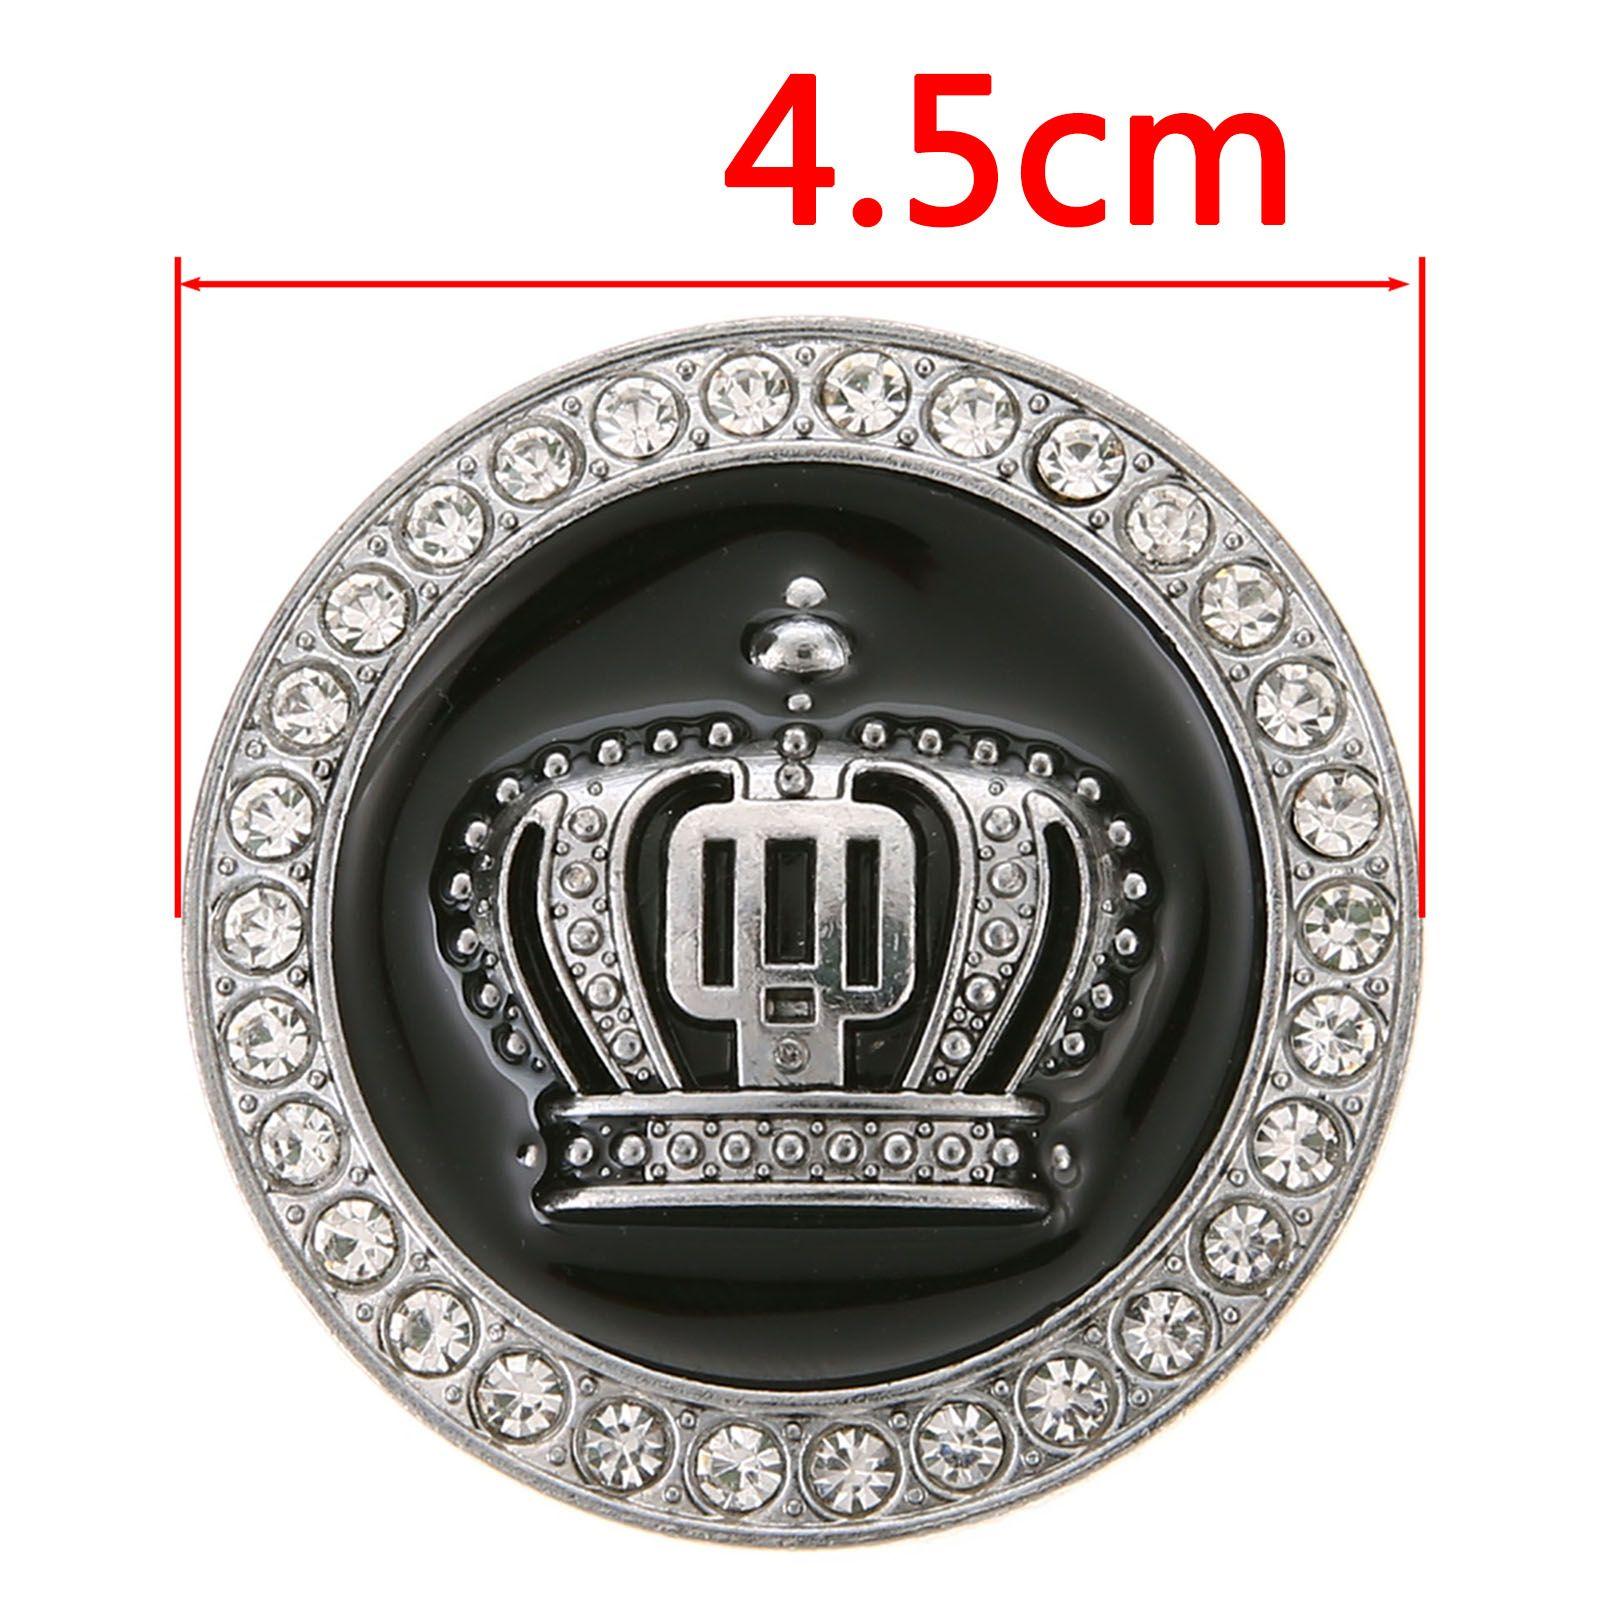 Emblema 3D Coroa de Metal Brilhantes Decoração Adesivos de Carro Auto